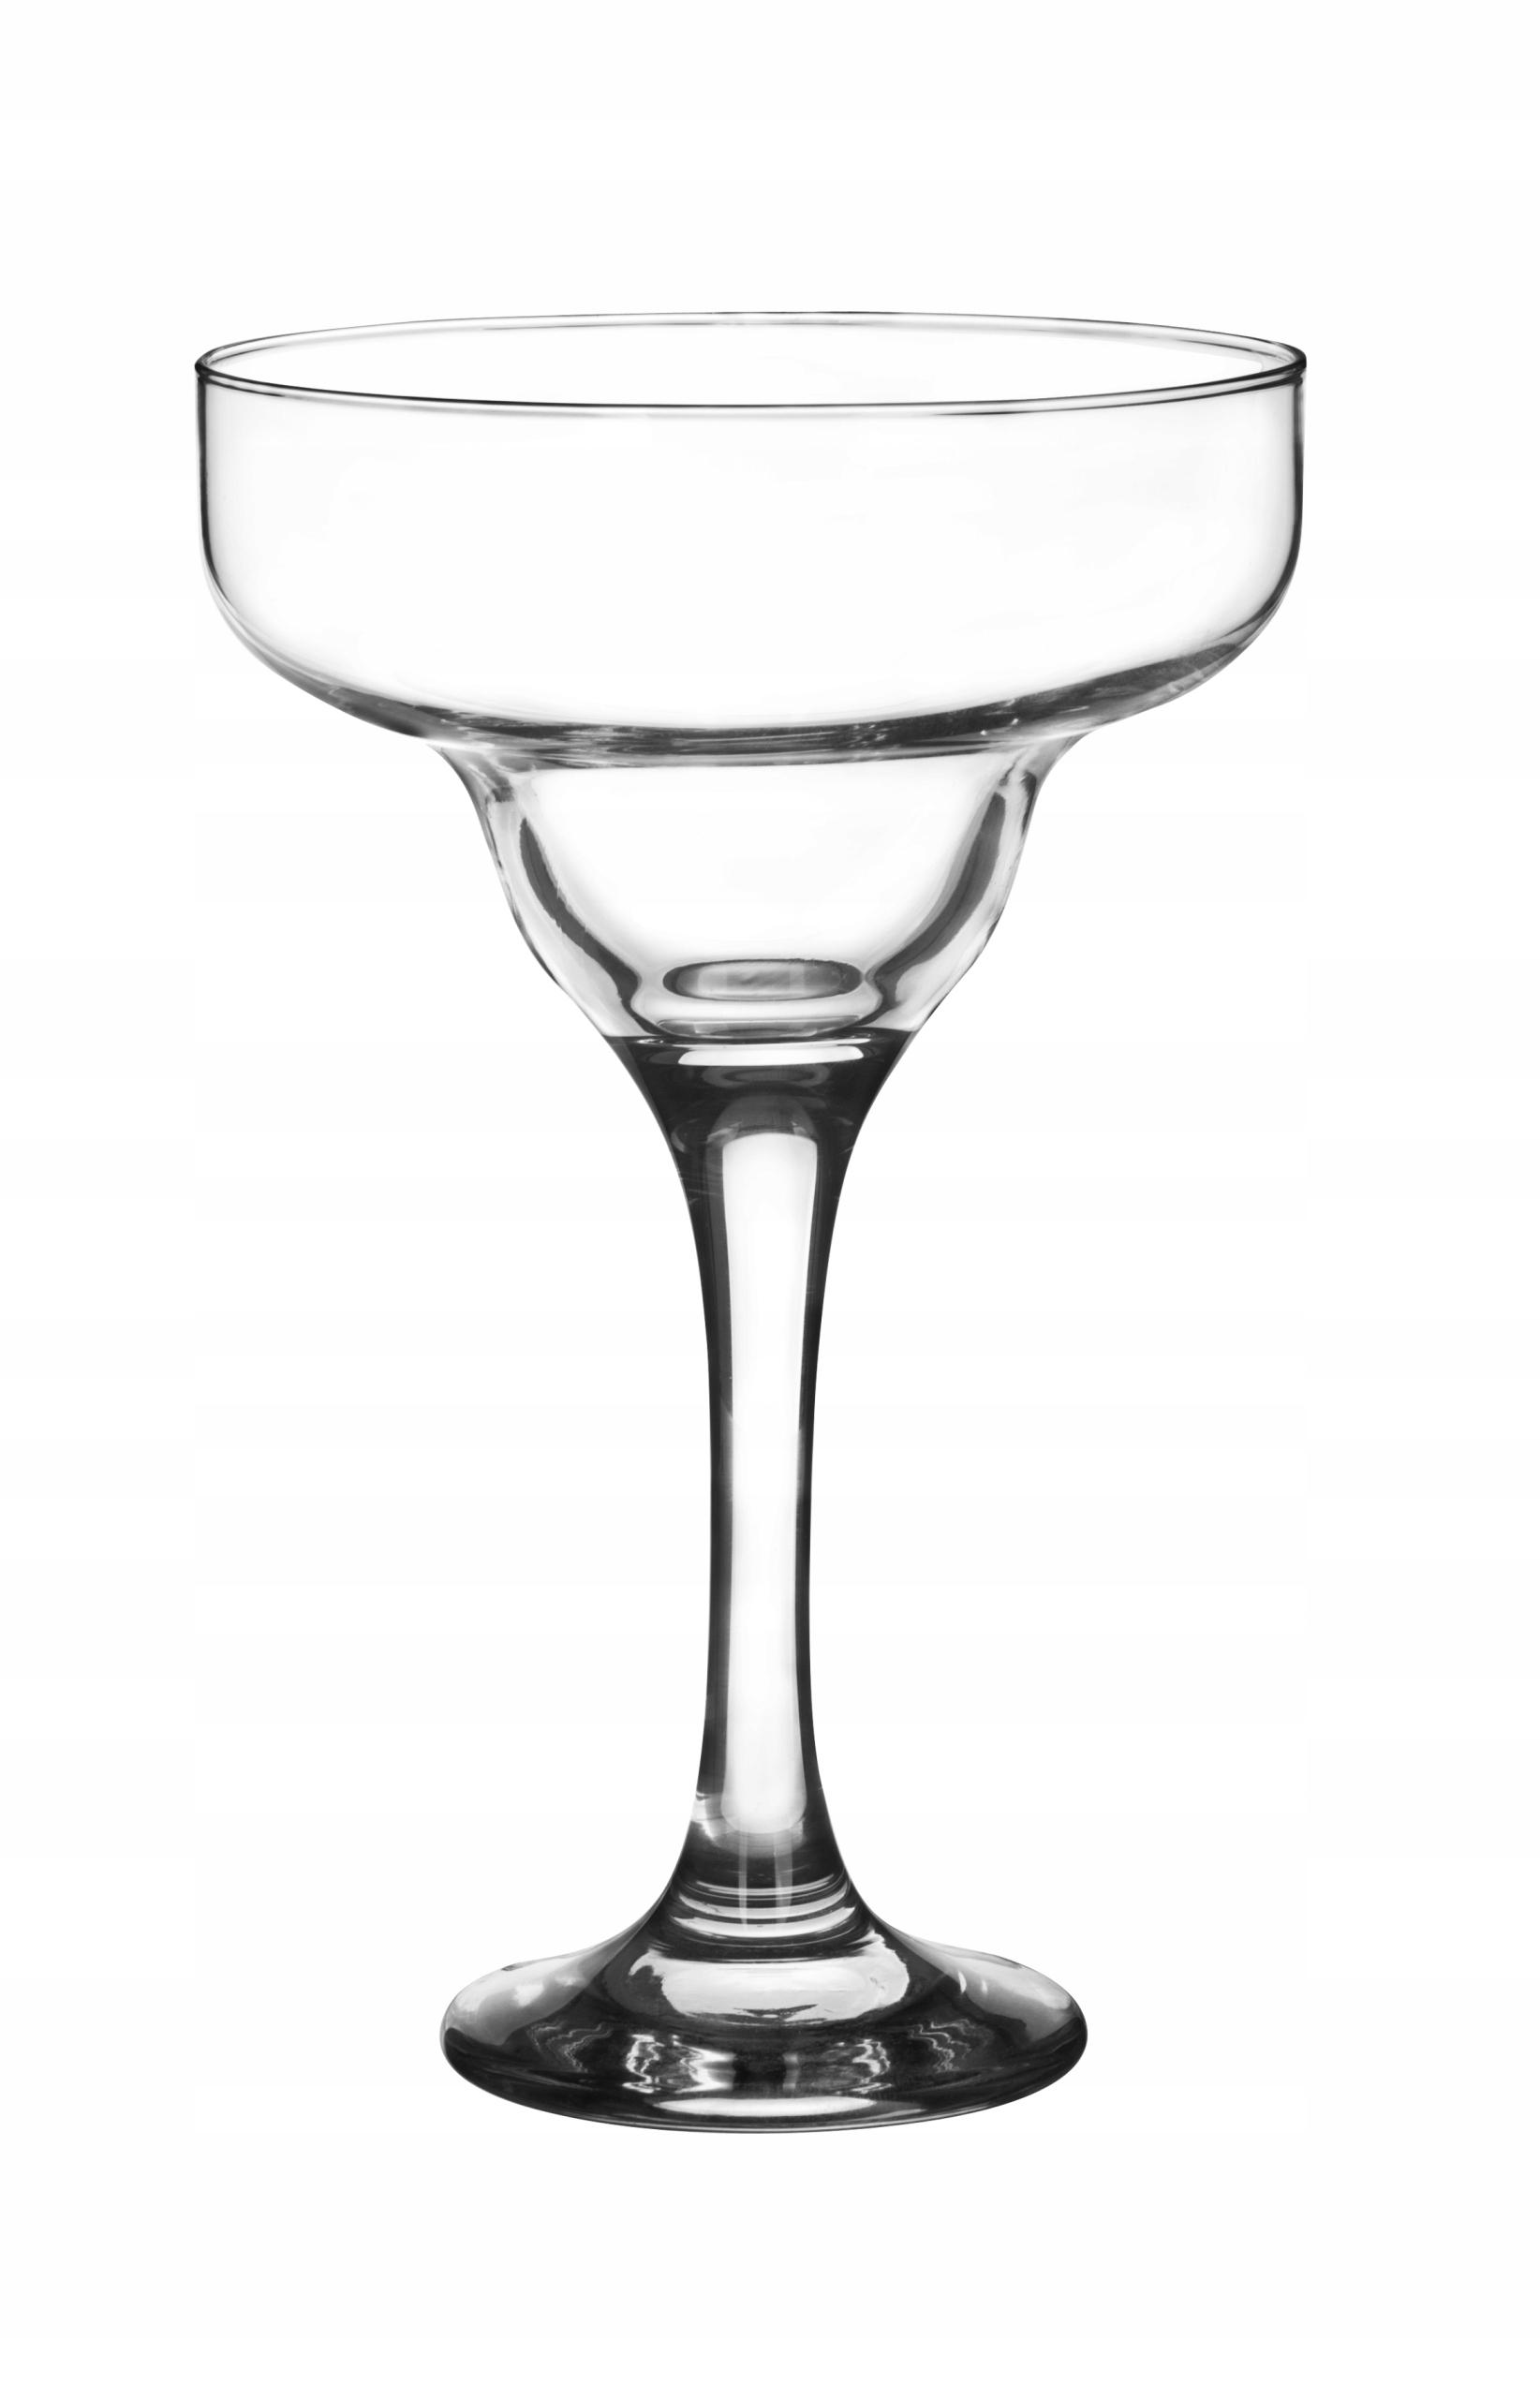 стакан маргаритка фото друзьями